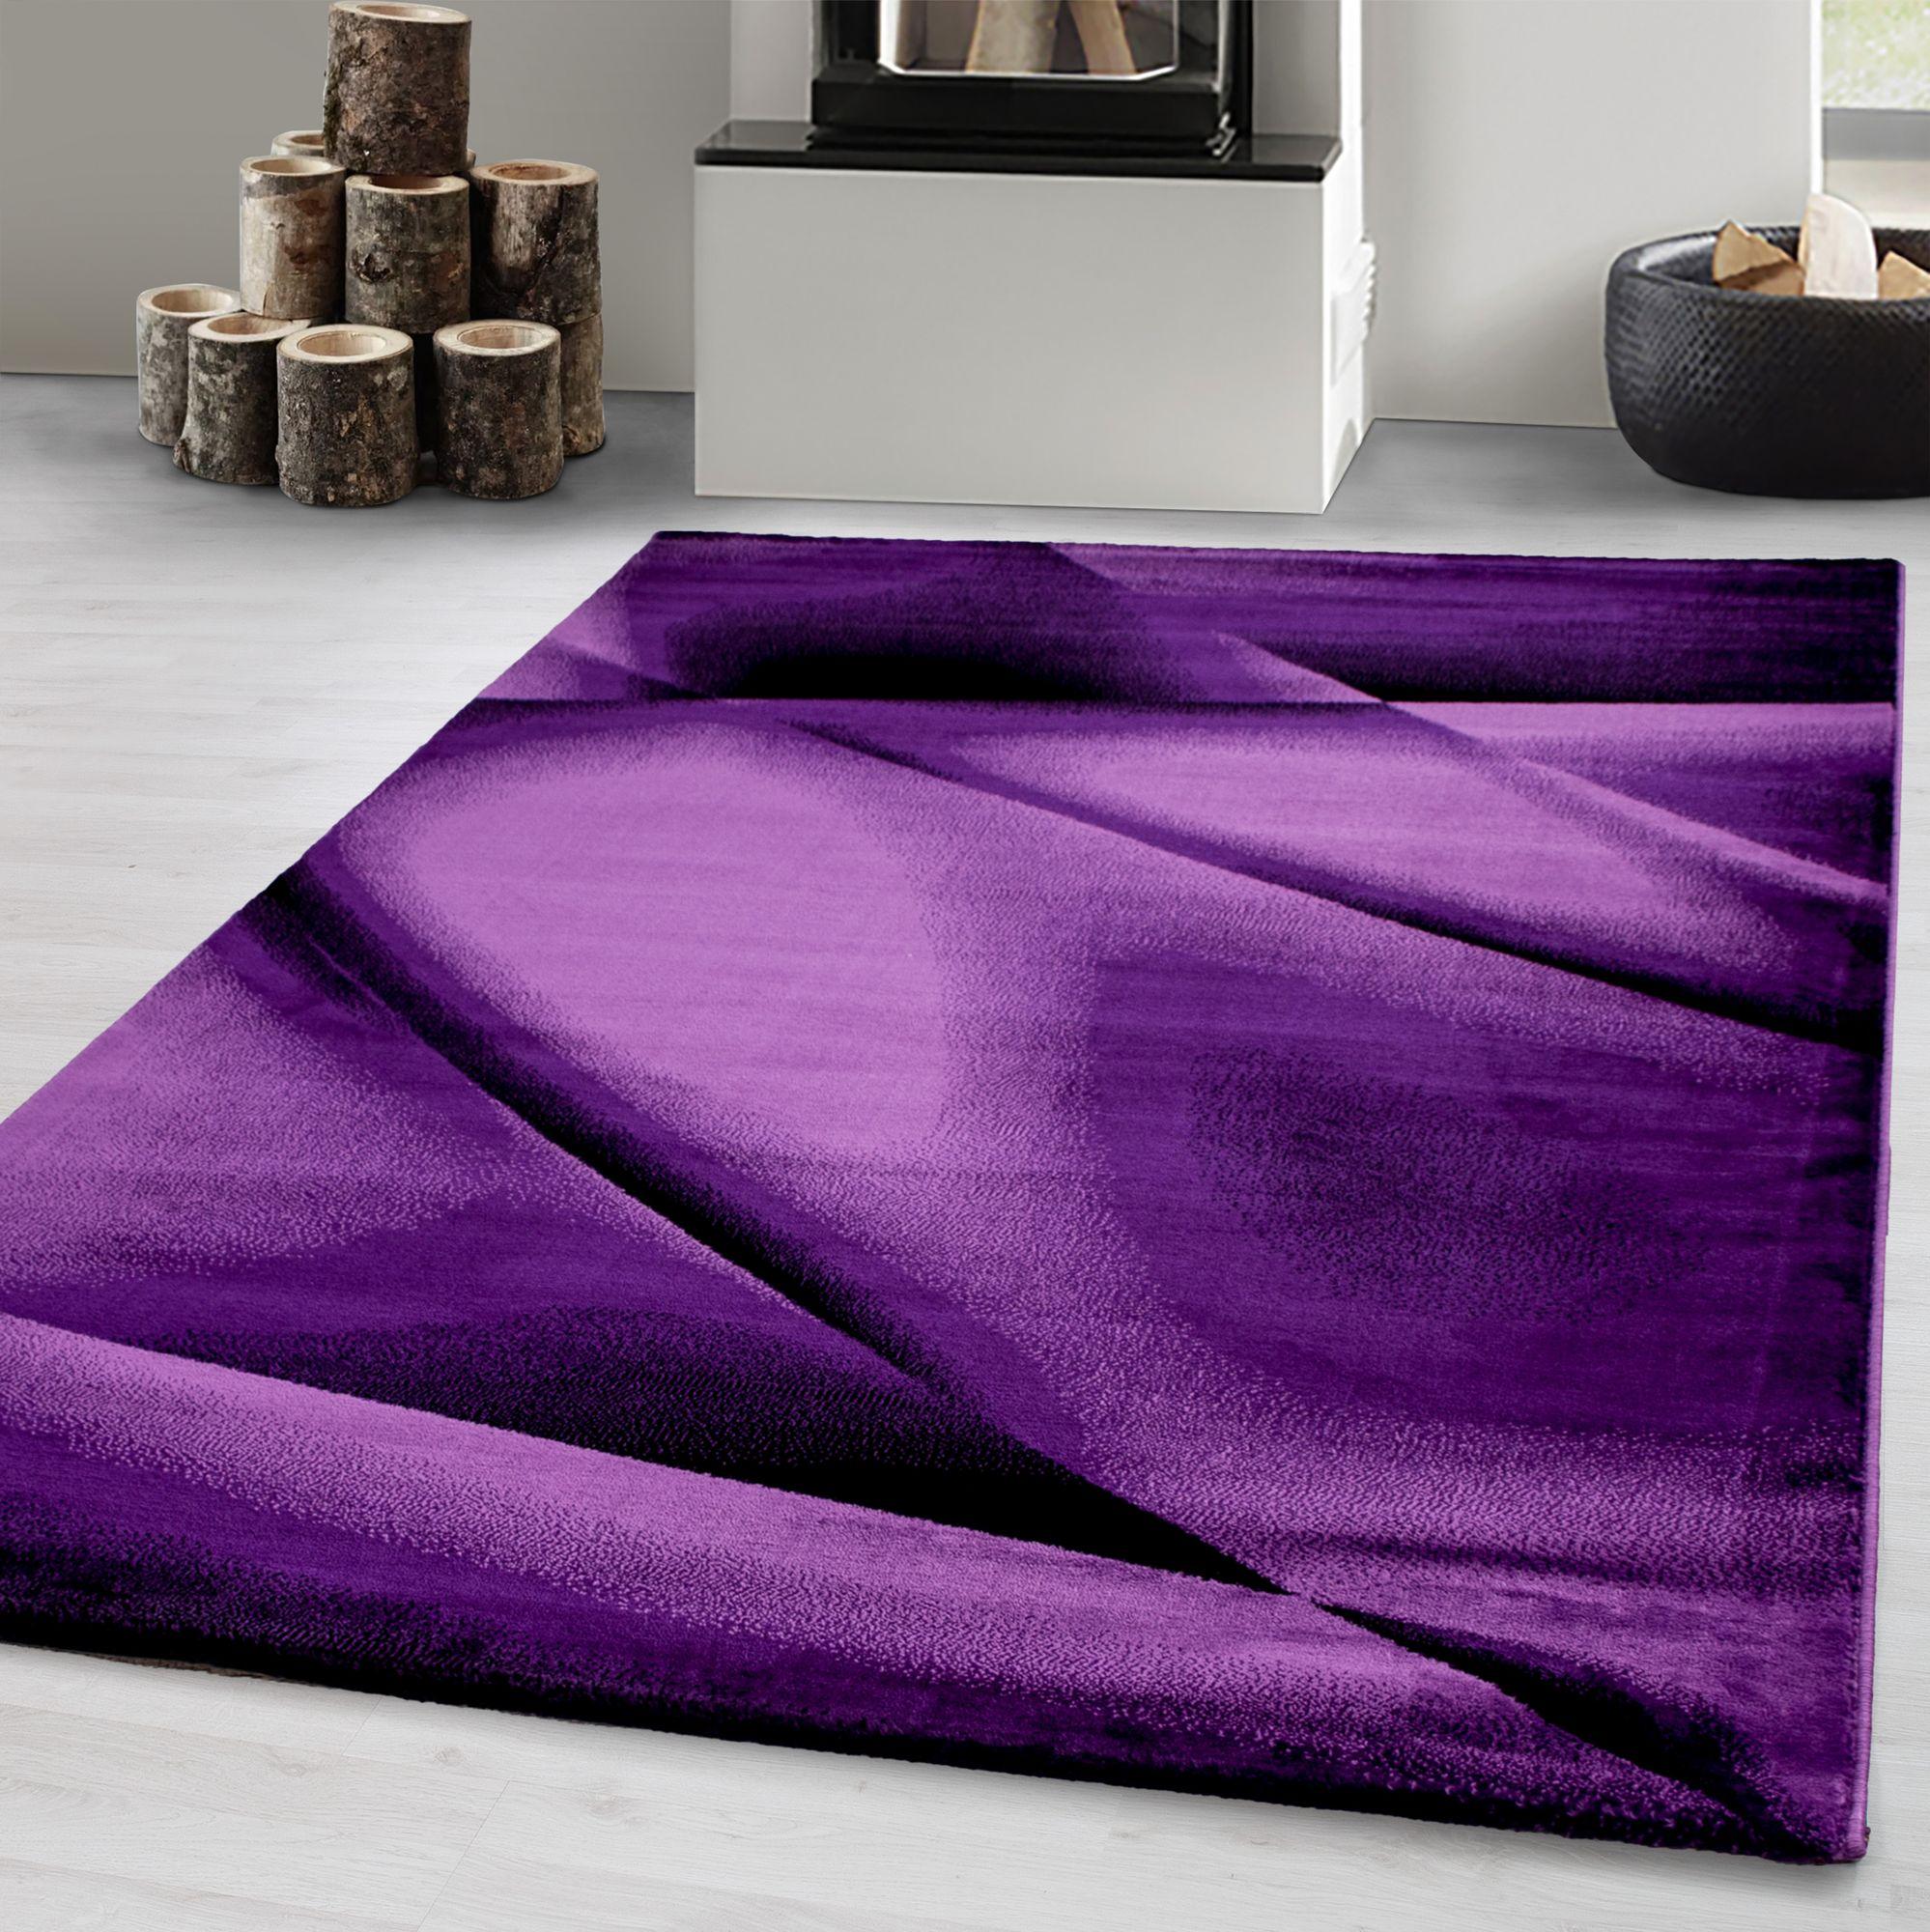 Détails sur Tapis moderne Salon design Motif de lignes abstraites et  ondulations Noir violet